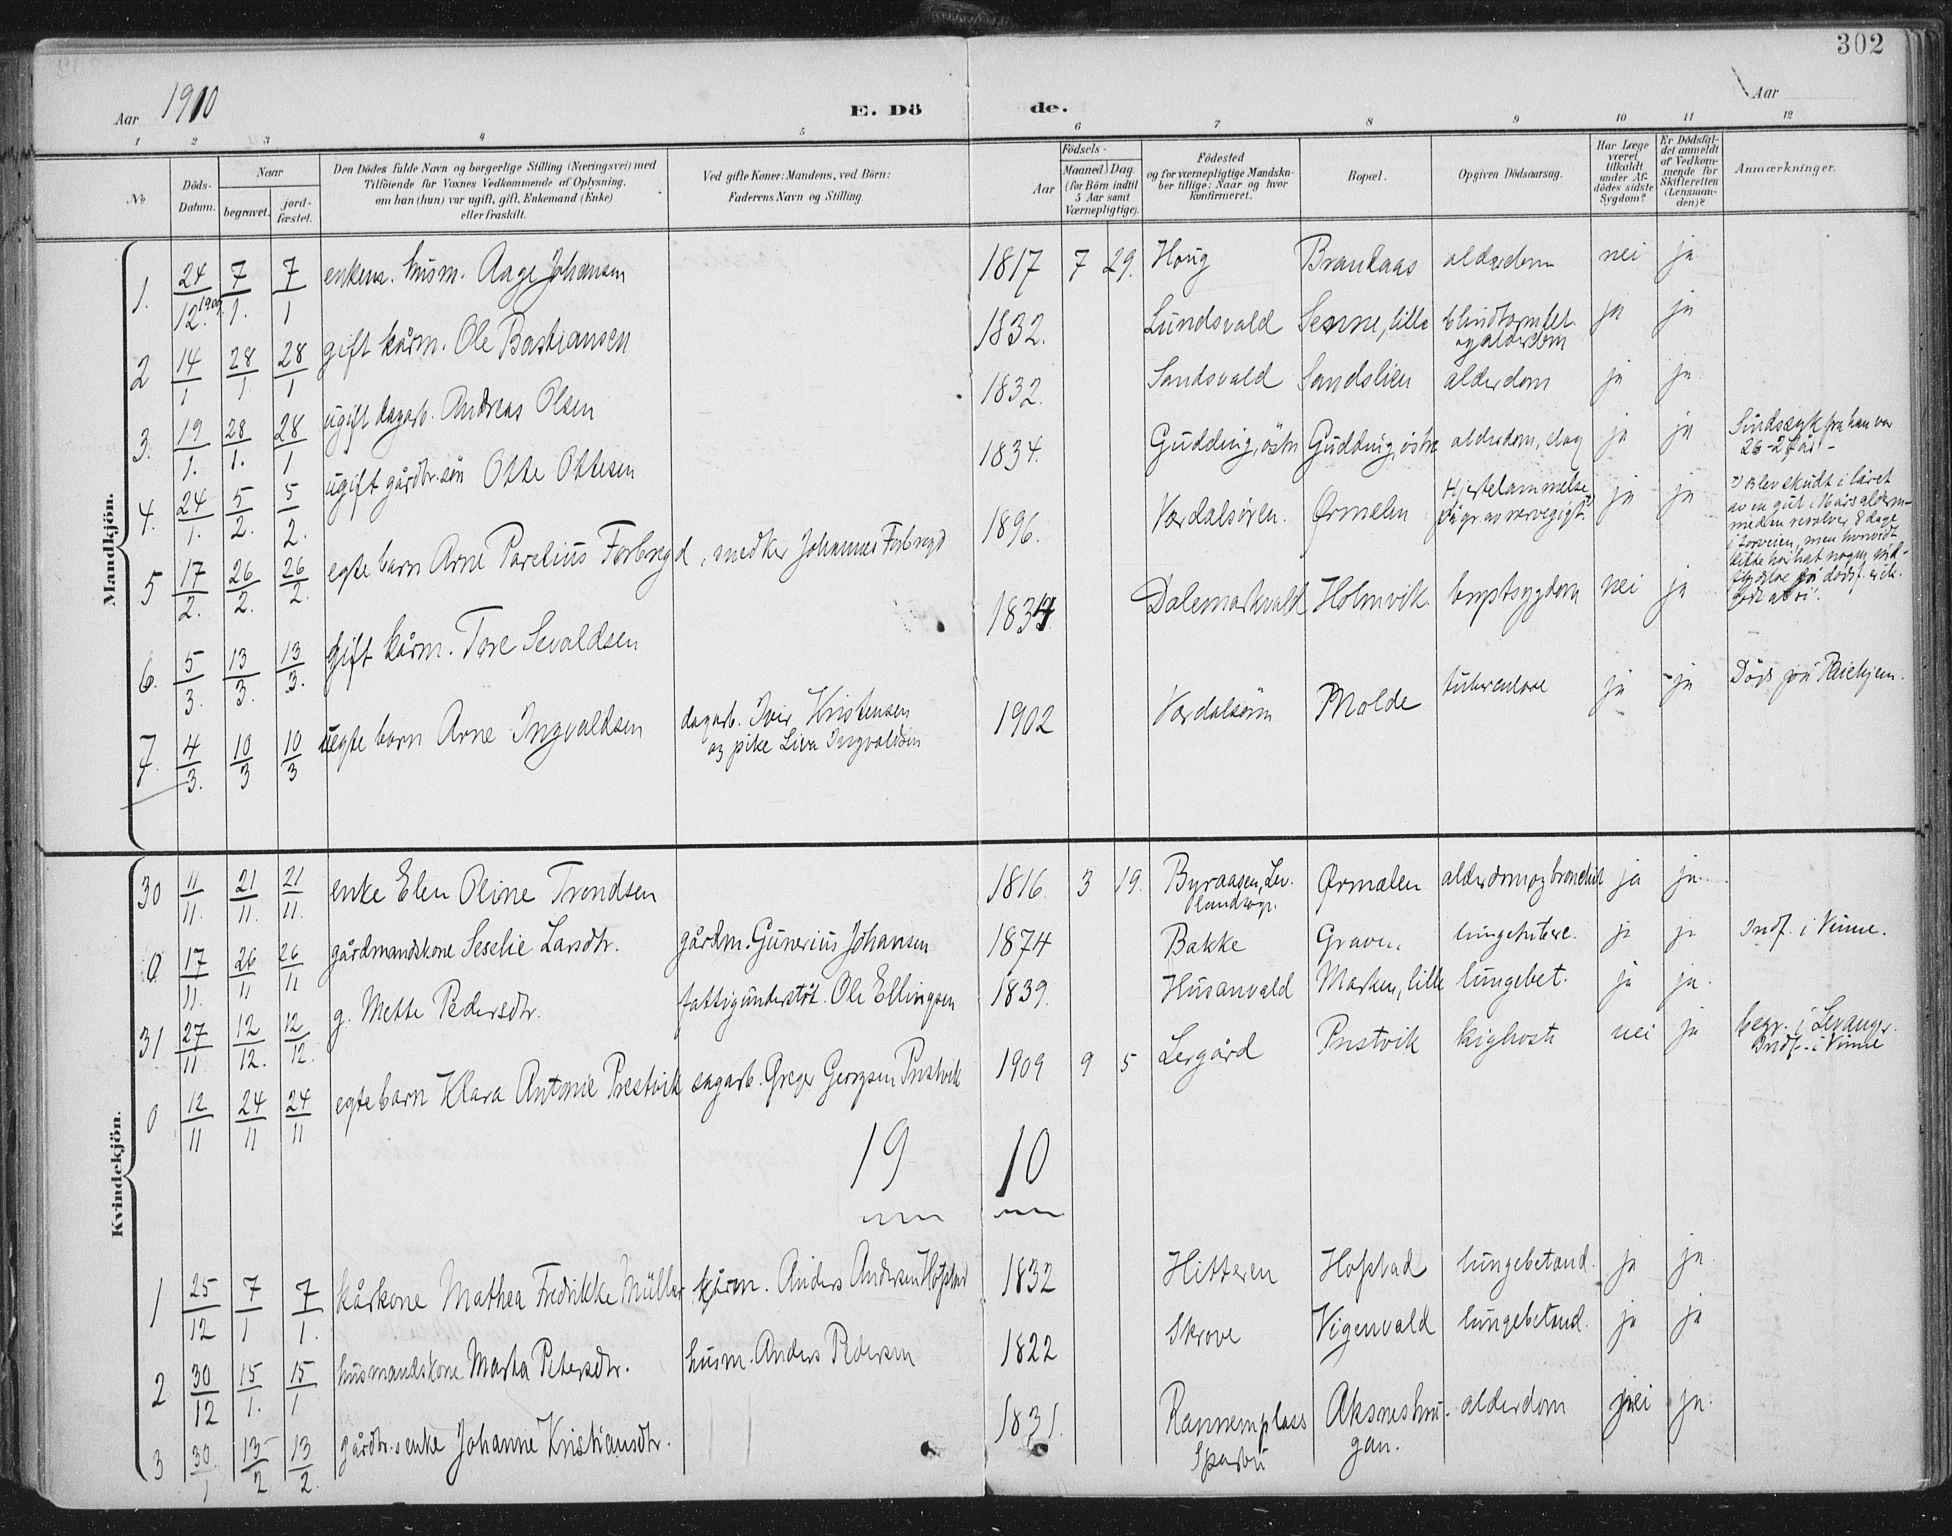 SAT, Ministerialprotokoller, klokkerbøker og fødselsregistre - Nord-Trøndelag, 723/L0246: Ministerialbok nr. 723A15, 1900-1917, s. 302